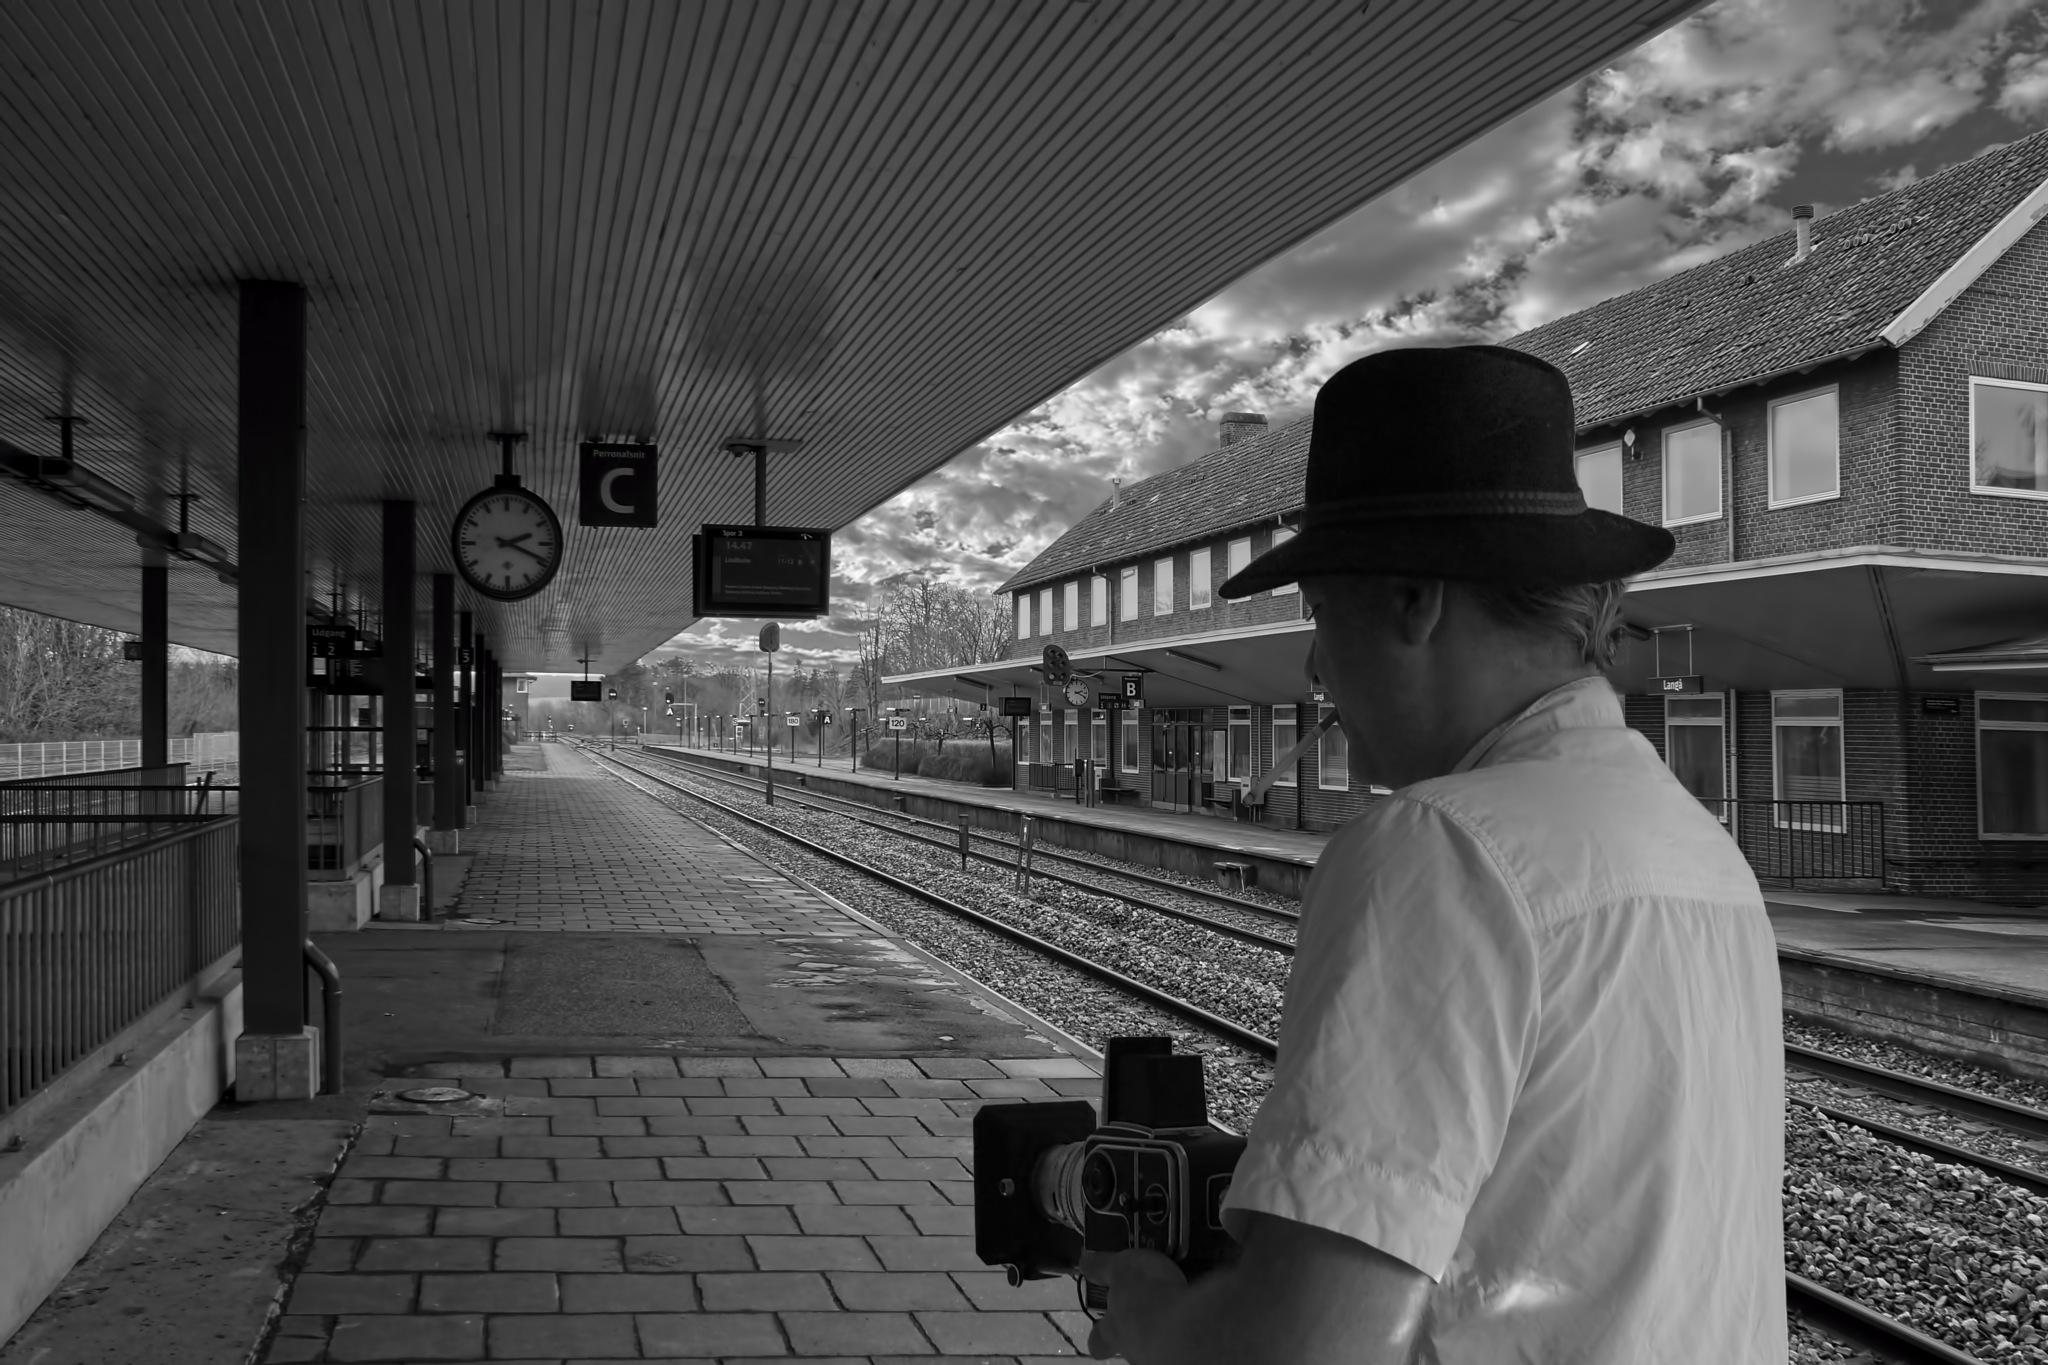 cover photo by PoulErikVistoftNielsen